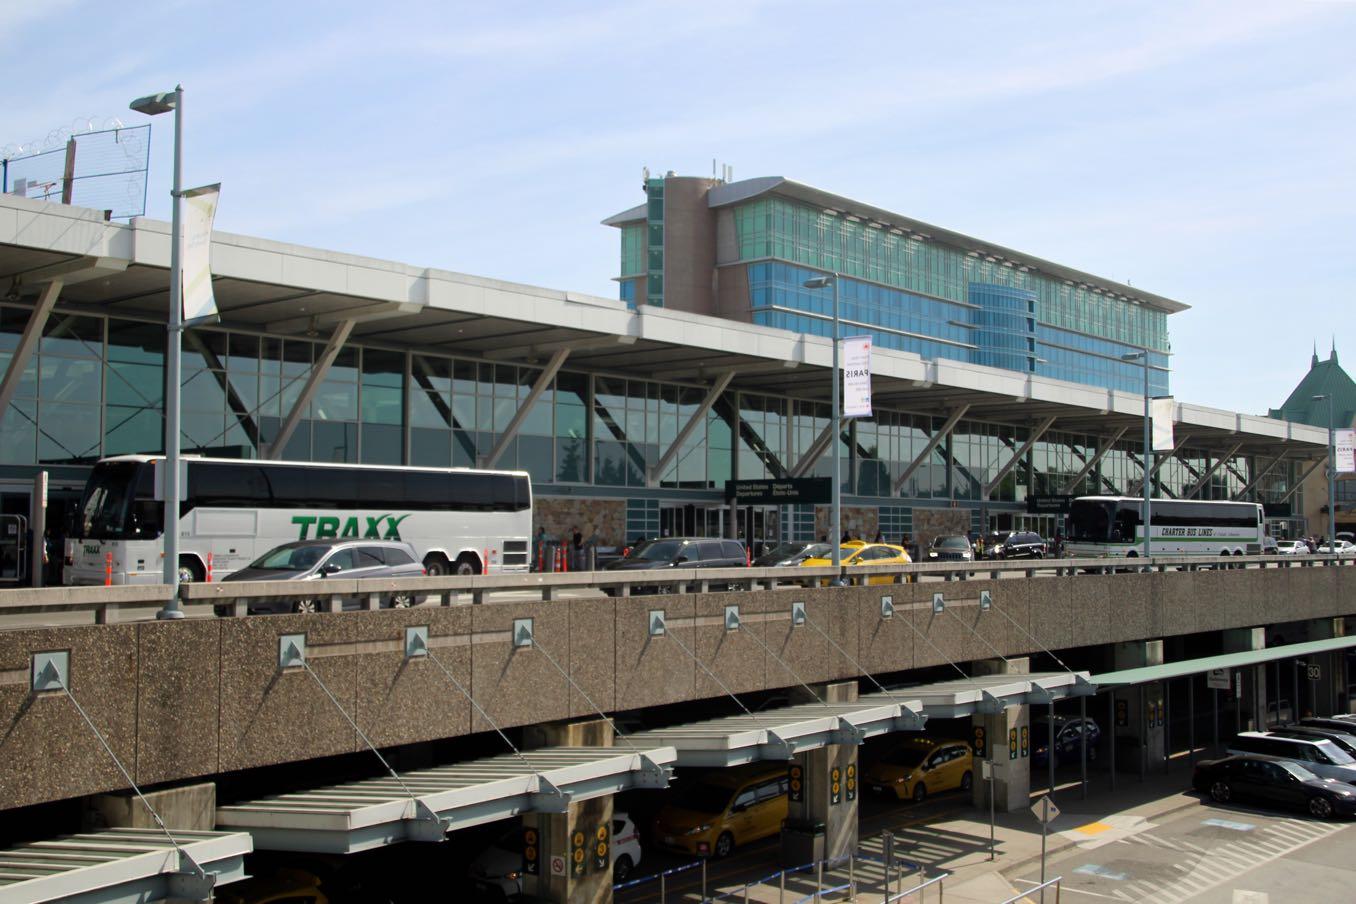 YVR(バンクーバー国際空港)